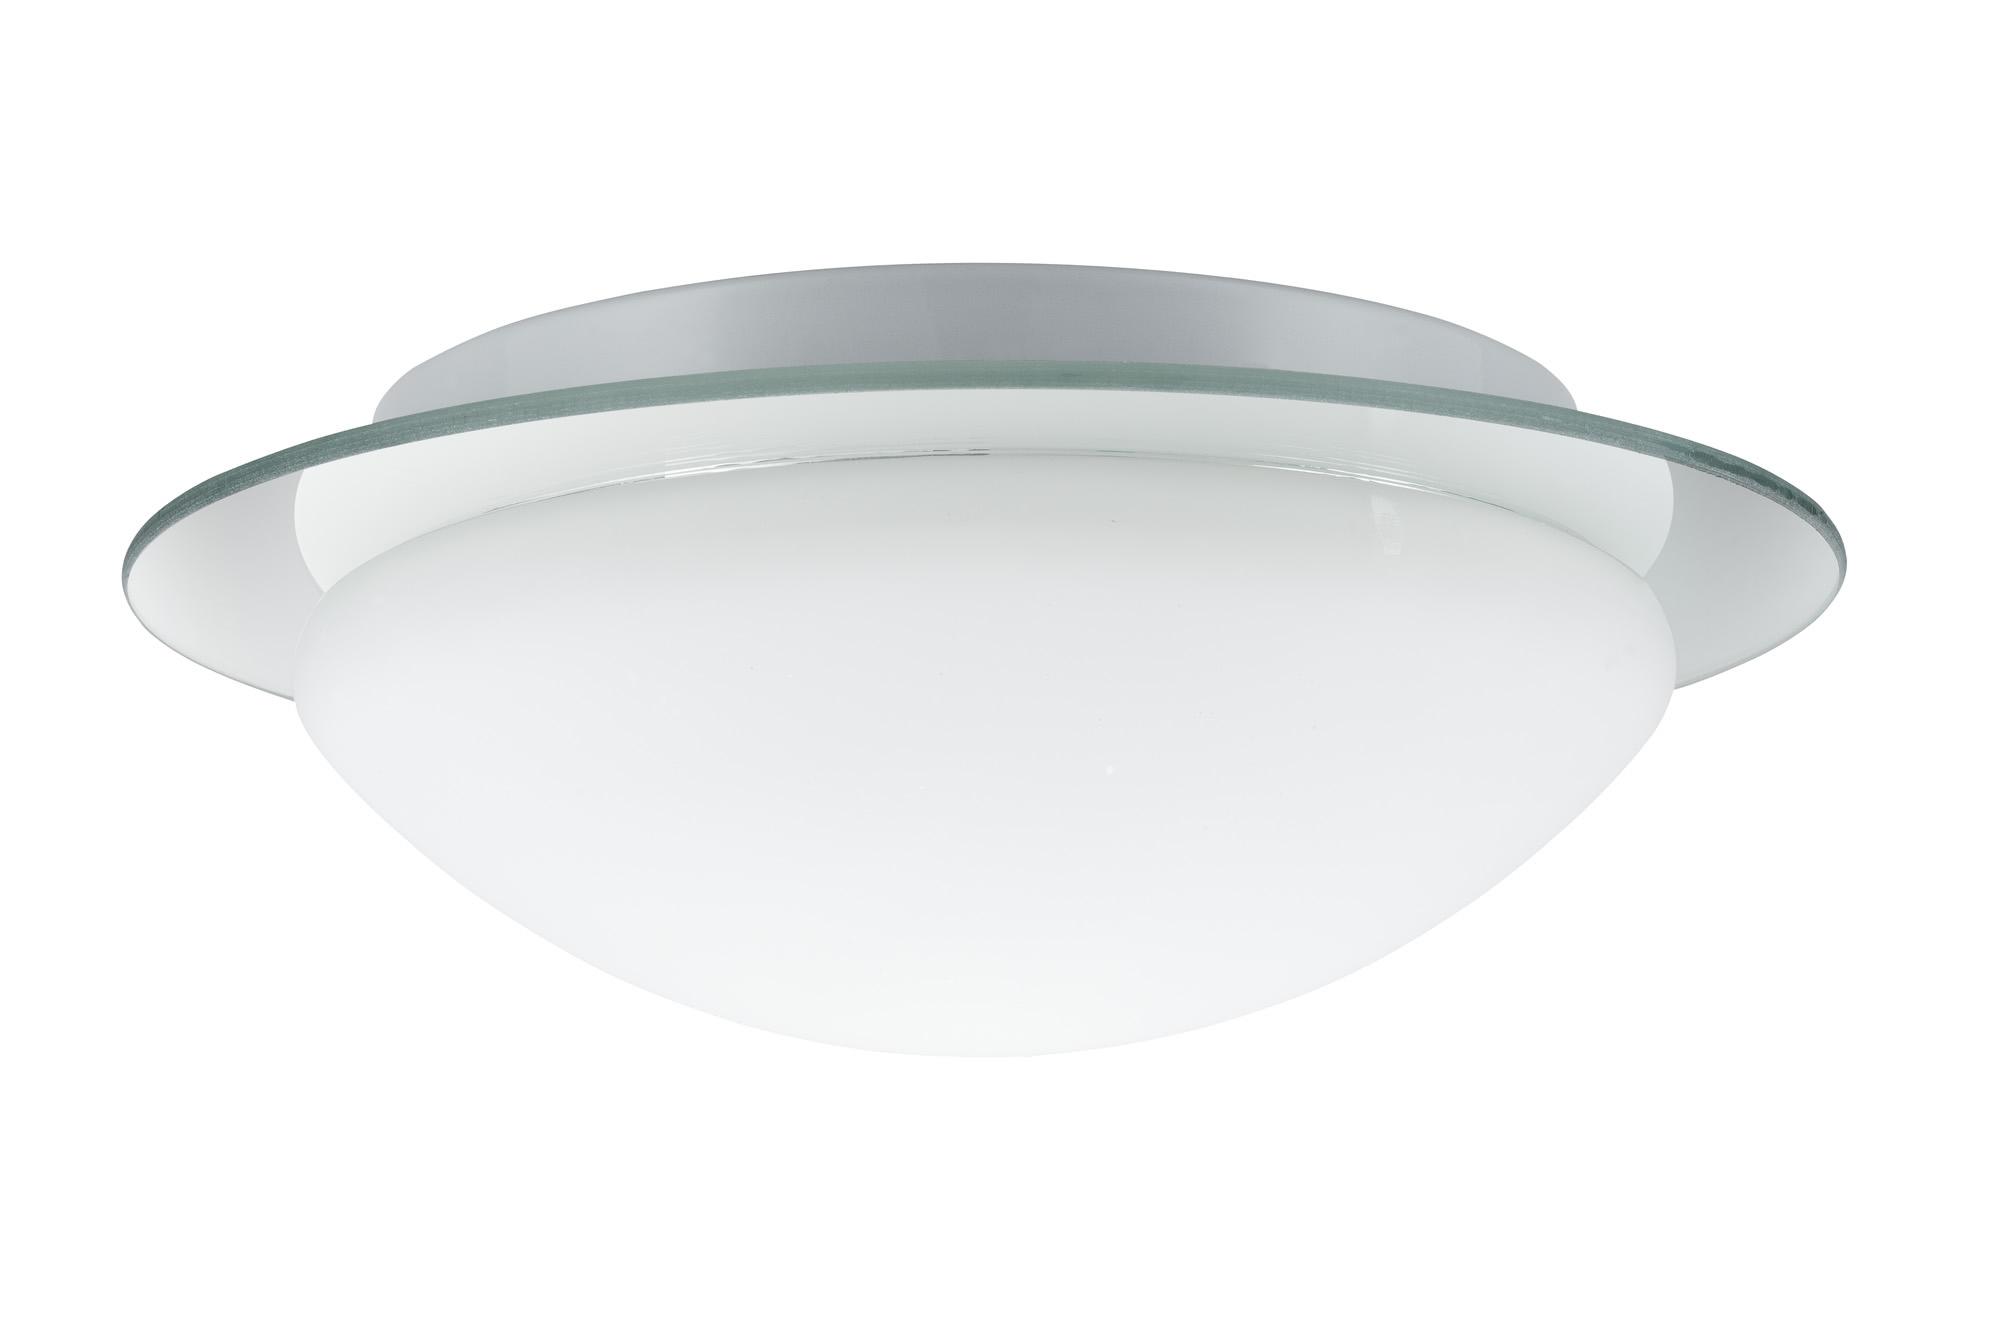 Paulmann. 70348 Светильник настенно-потолочный 1x40W W-D Mirfak 230V E27 Белый/Зеркало/Опал